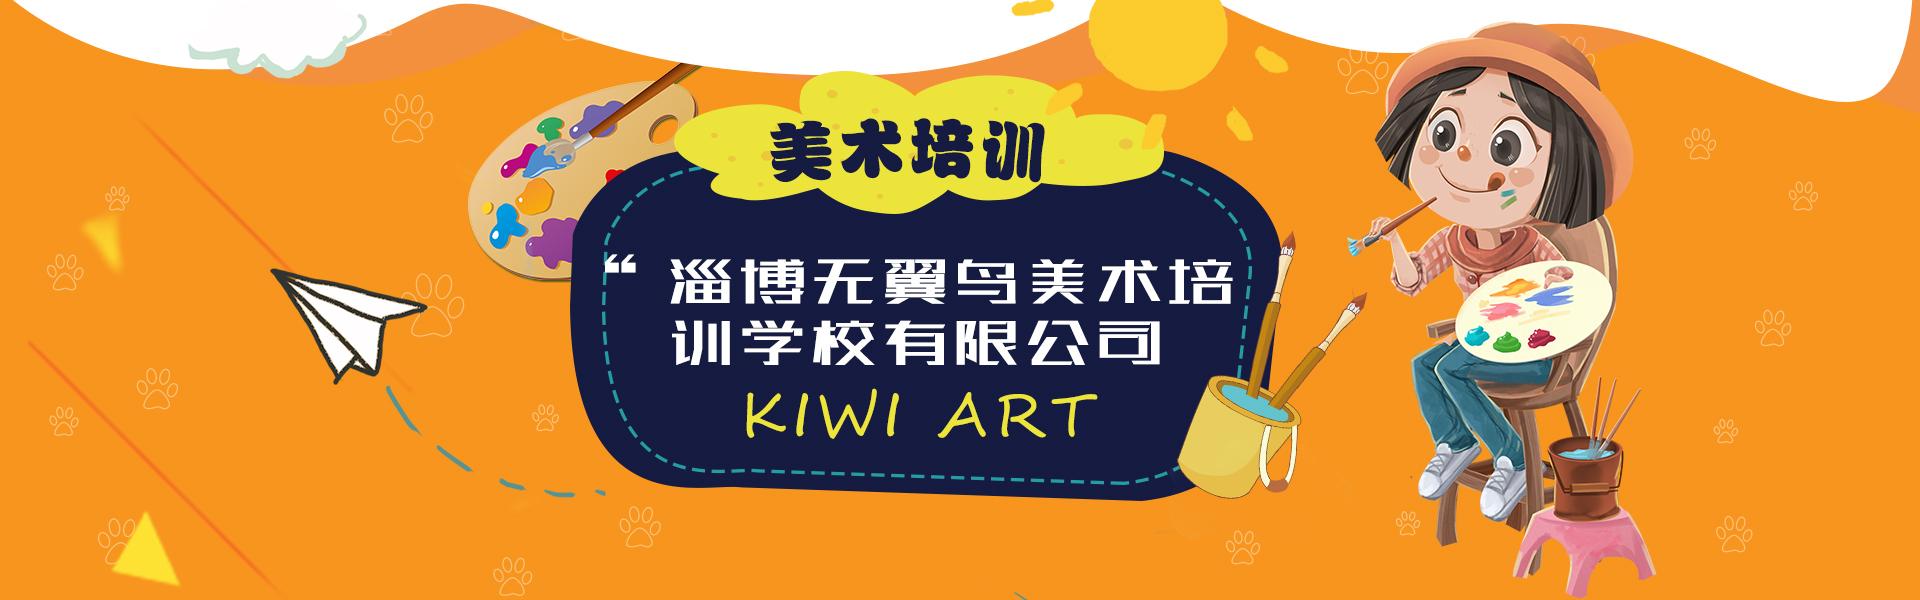 淄博無翼鳥美術培訓學校有限公司是從事少兒中考美術教育培訓并具有合法資質的辦學機構